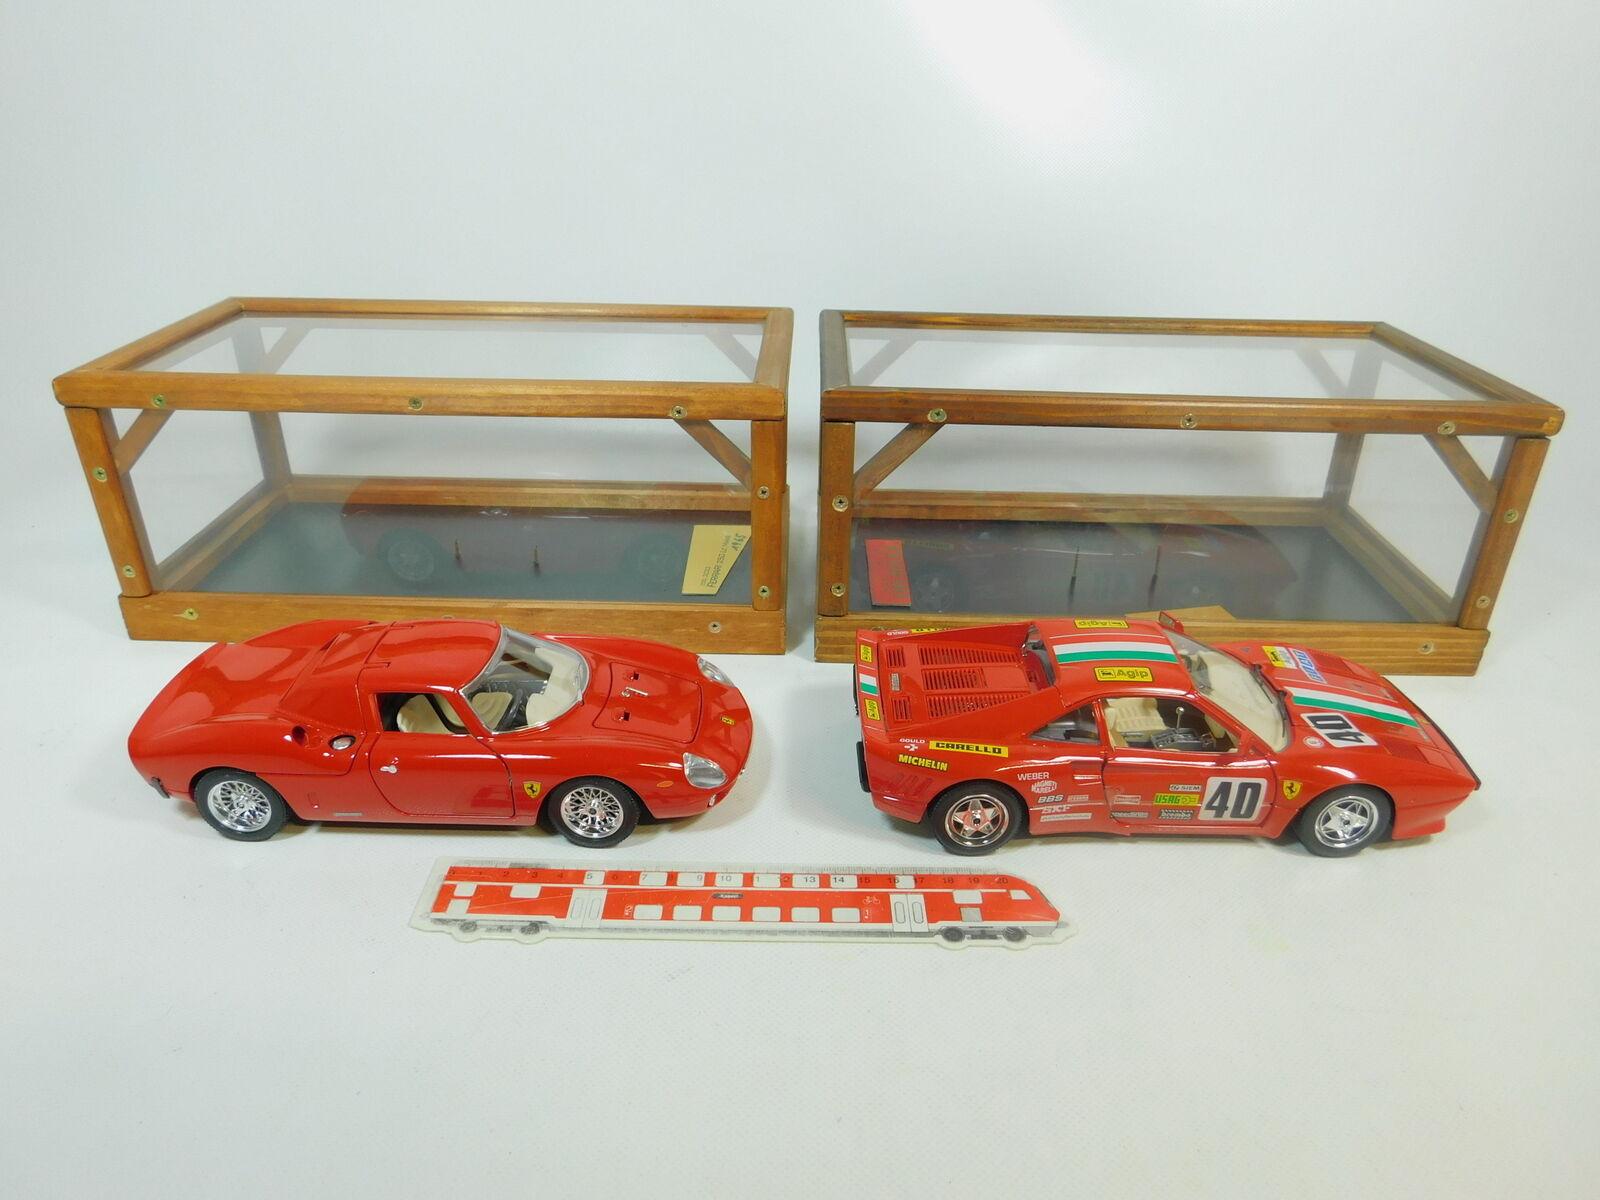 Bp496-6   2x Burago 1 18 Ferrari-Modèle  3033 250 le hommes +3027 GTO 1984, très bien  beaucoup de surprises